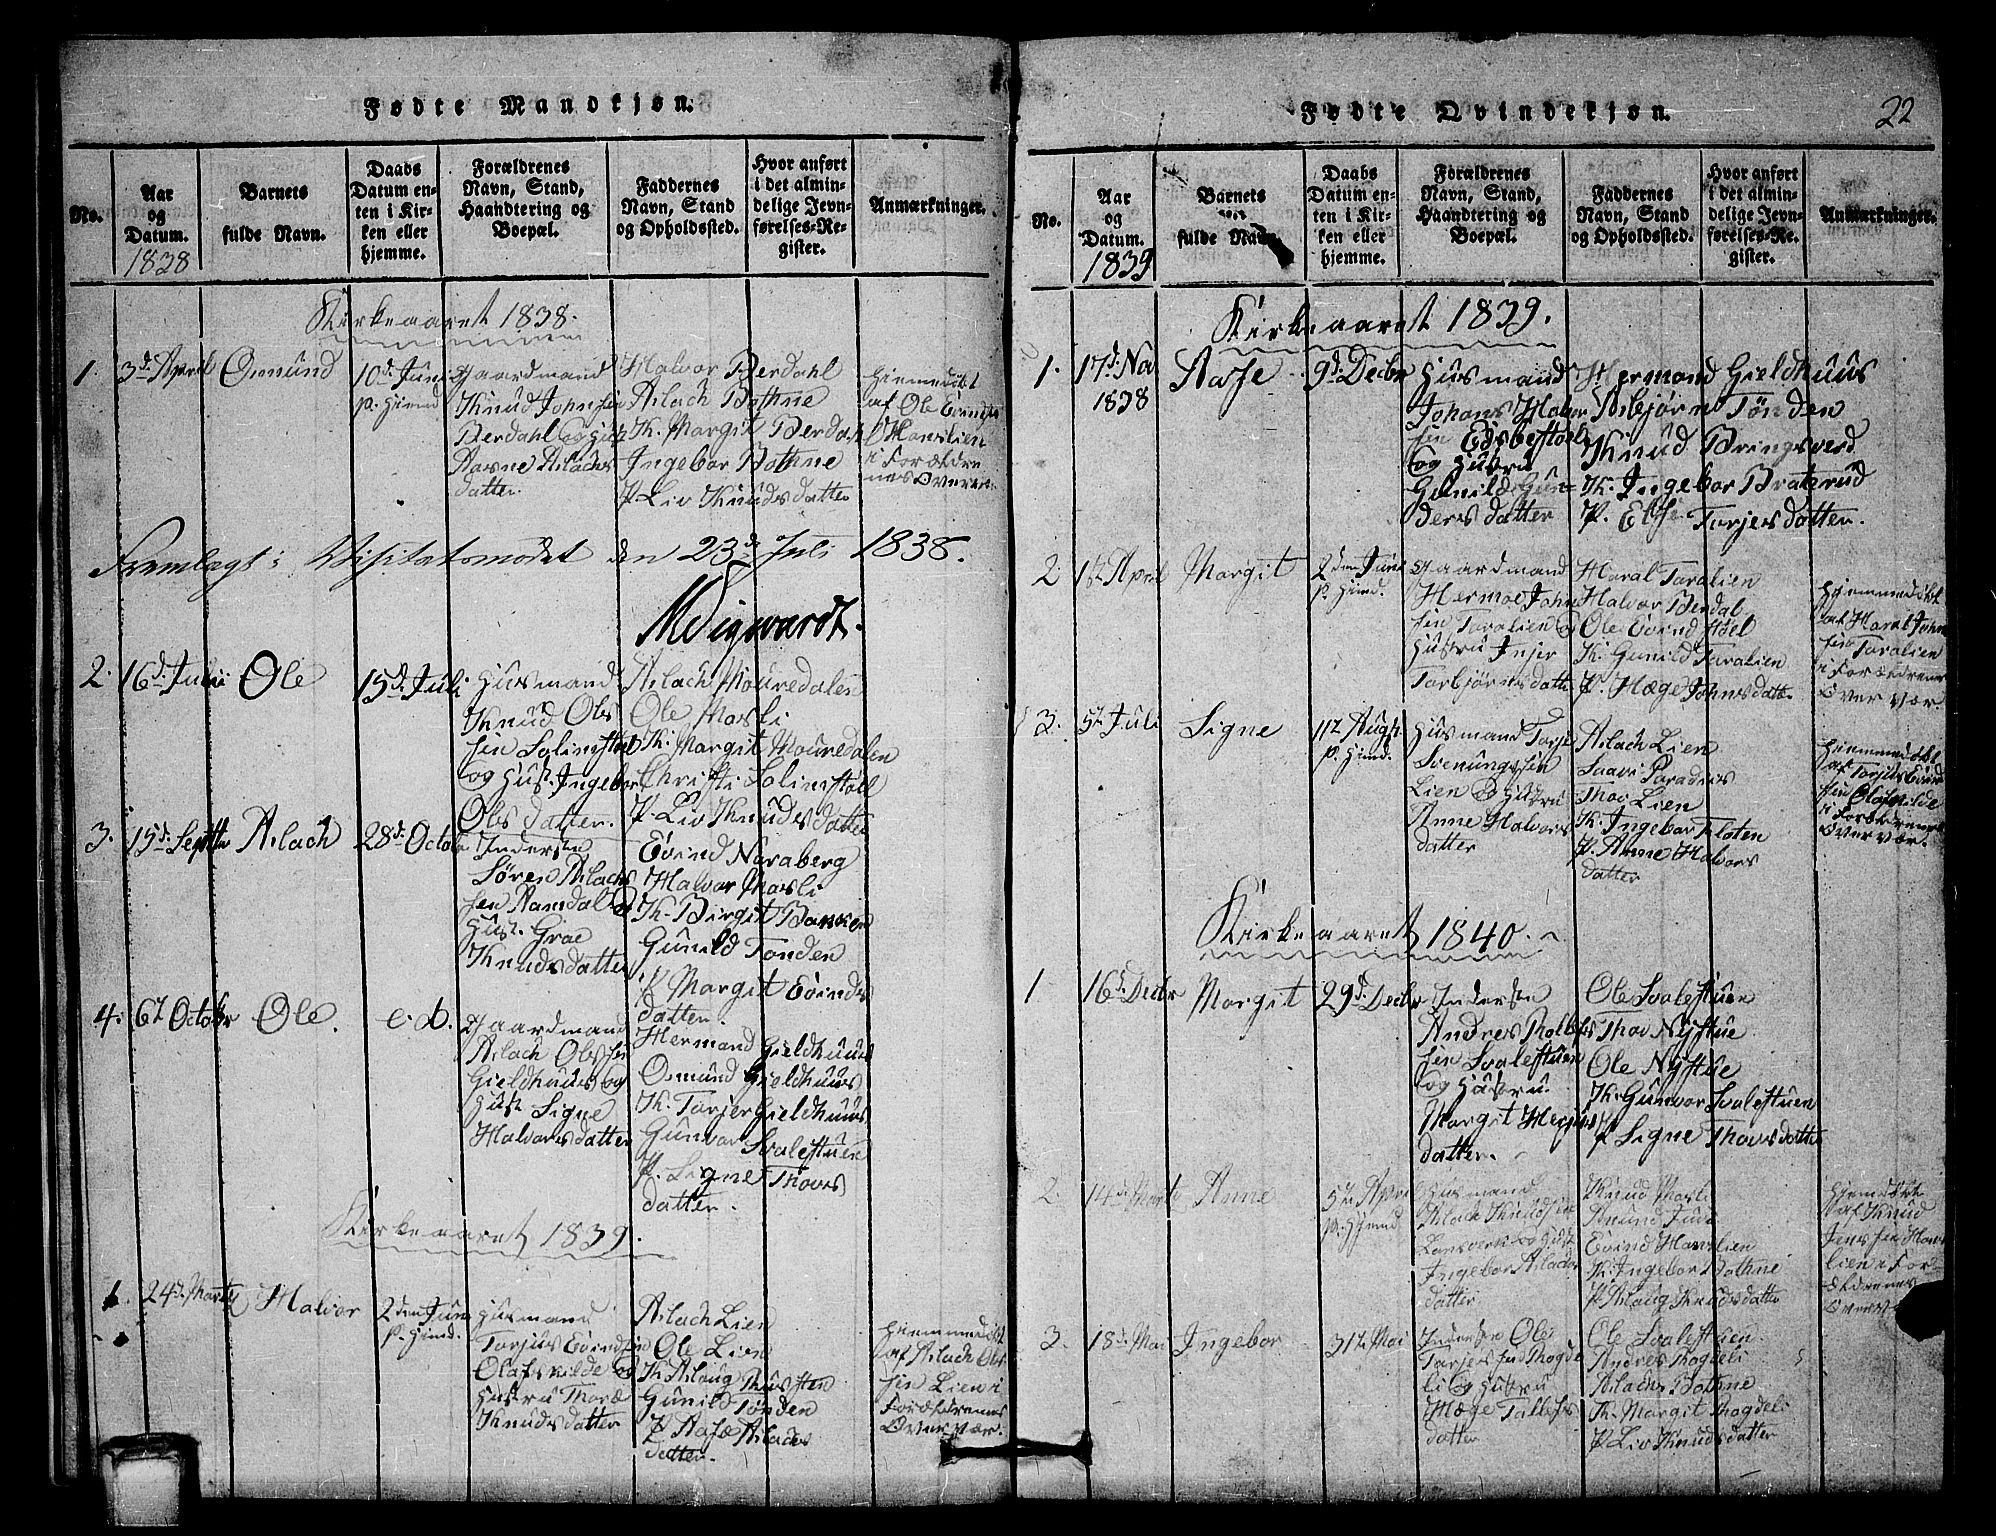 SAKO, Vinje kirkebøker, G/Gb/L0001: Klokkerbok nr. II 1, 1814-1843, s. 22